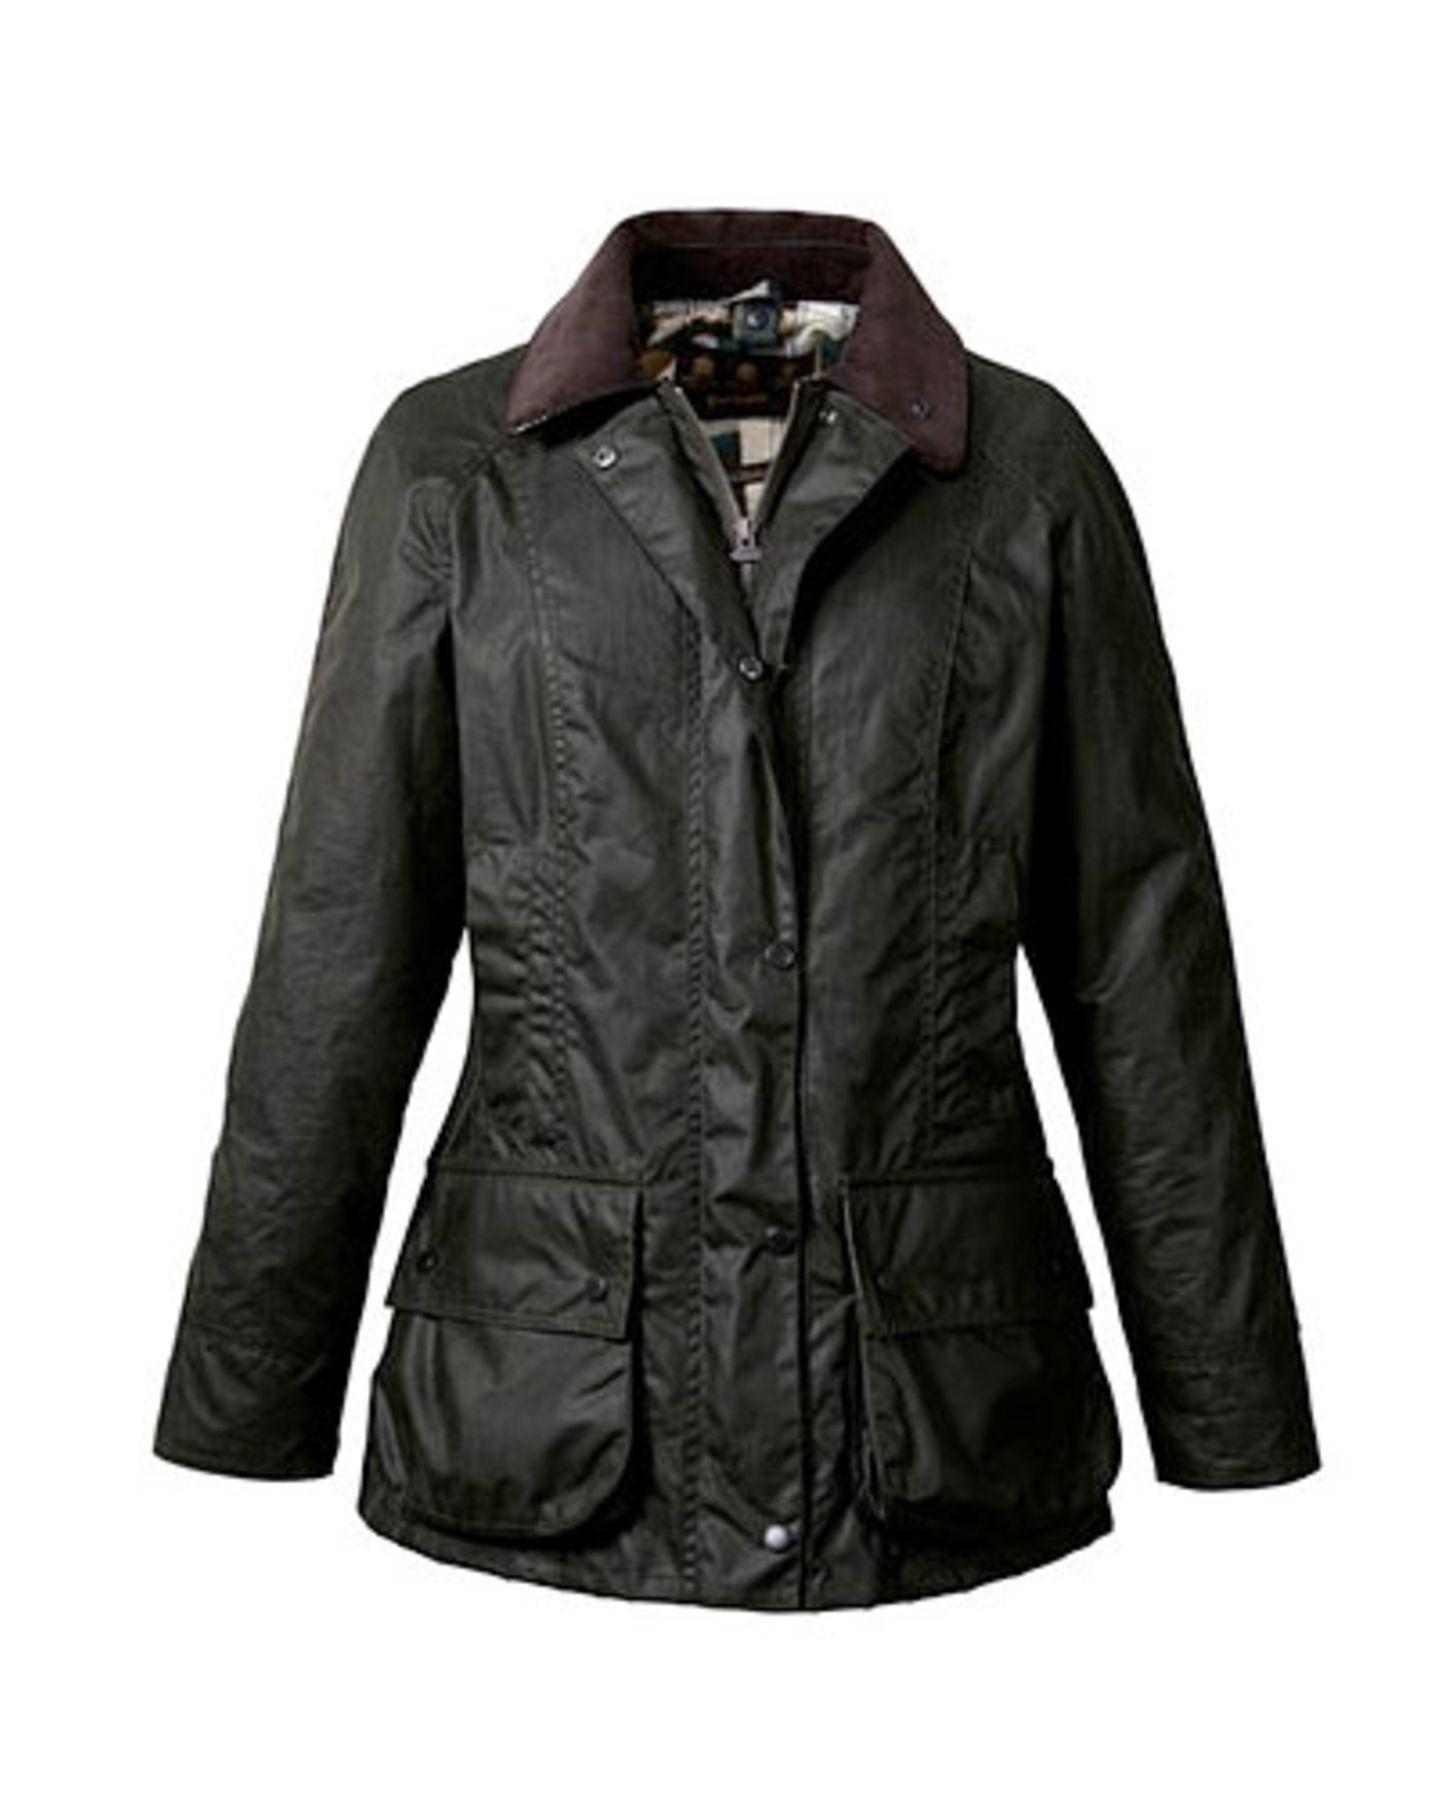 Der Klassiker: Gewachste waldgrüne Barbour-Jacke, ca. 299 Euro. In London und New York waren die gewachsten Jäger-Jacken bereits im vergangenen Winter extrem angesagt, jetzt erlebt die ehemals als snobistisch geltende Outdoor-Jacke auch bei uns eine Renaissance!